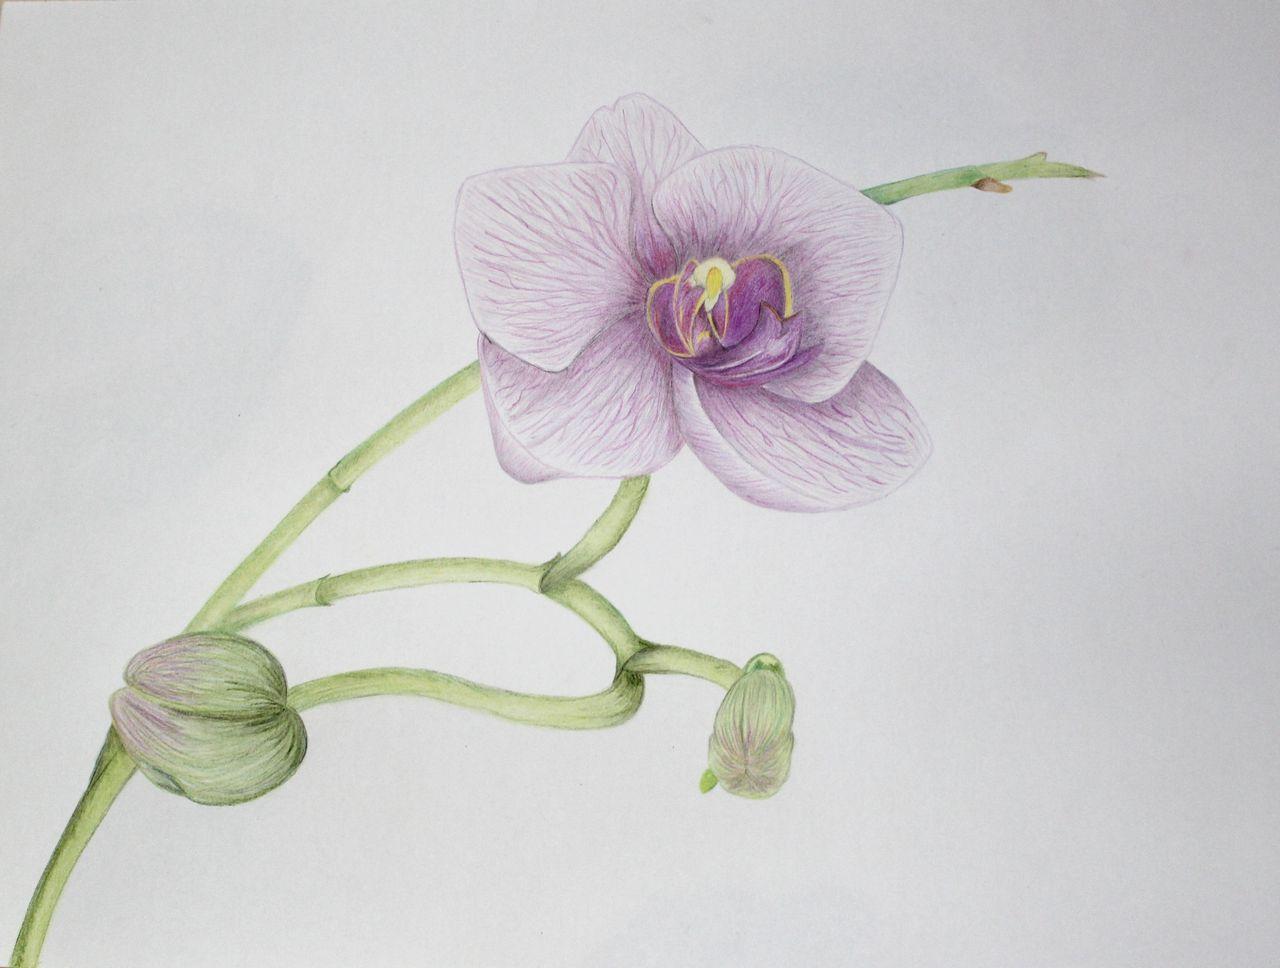 Einzelne Orchidee Zeichnung Blumen Orchidee Buntstiftzeichnung